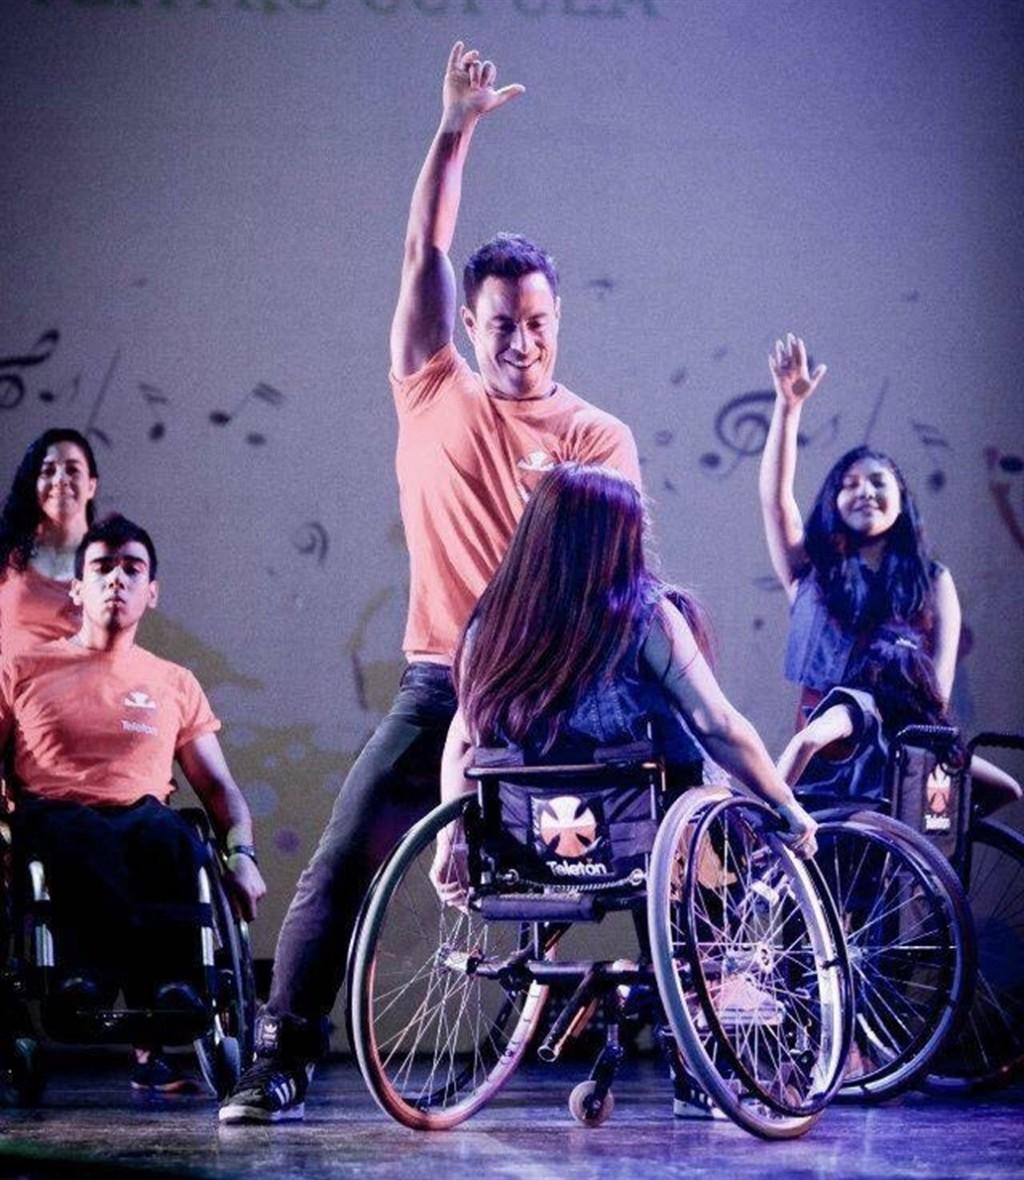 Ganó un concurso de baile y decidió usar la fama para crear el zumba en silla de ruedas